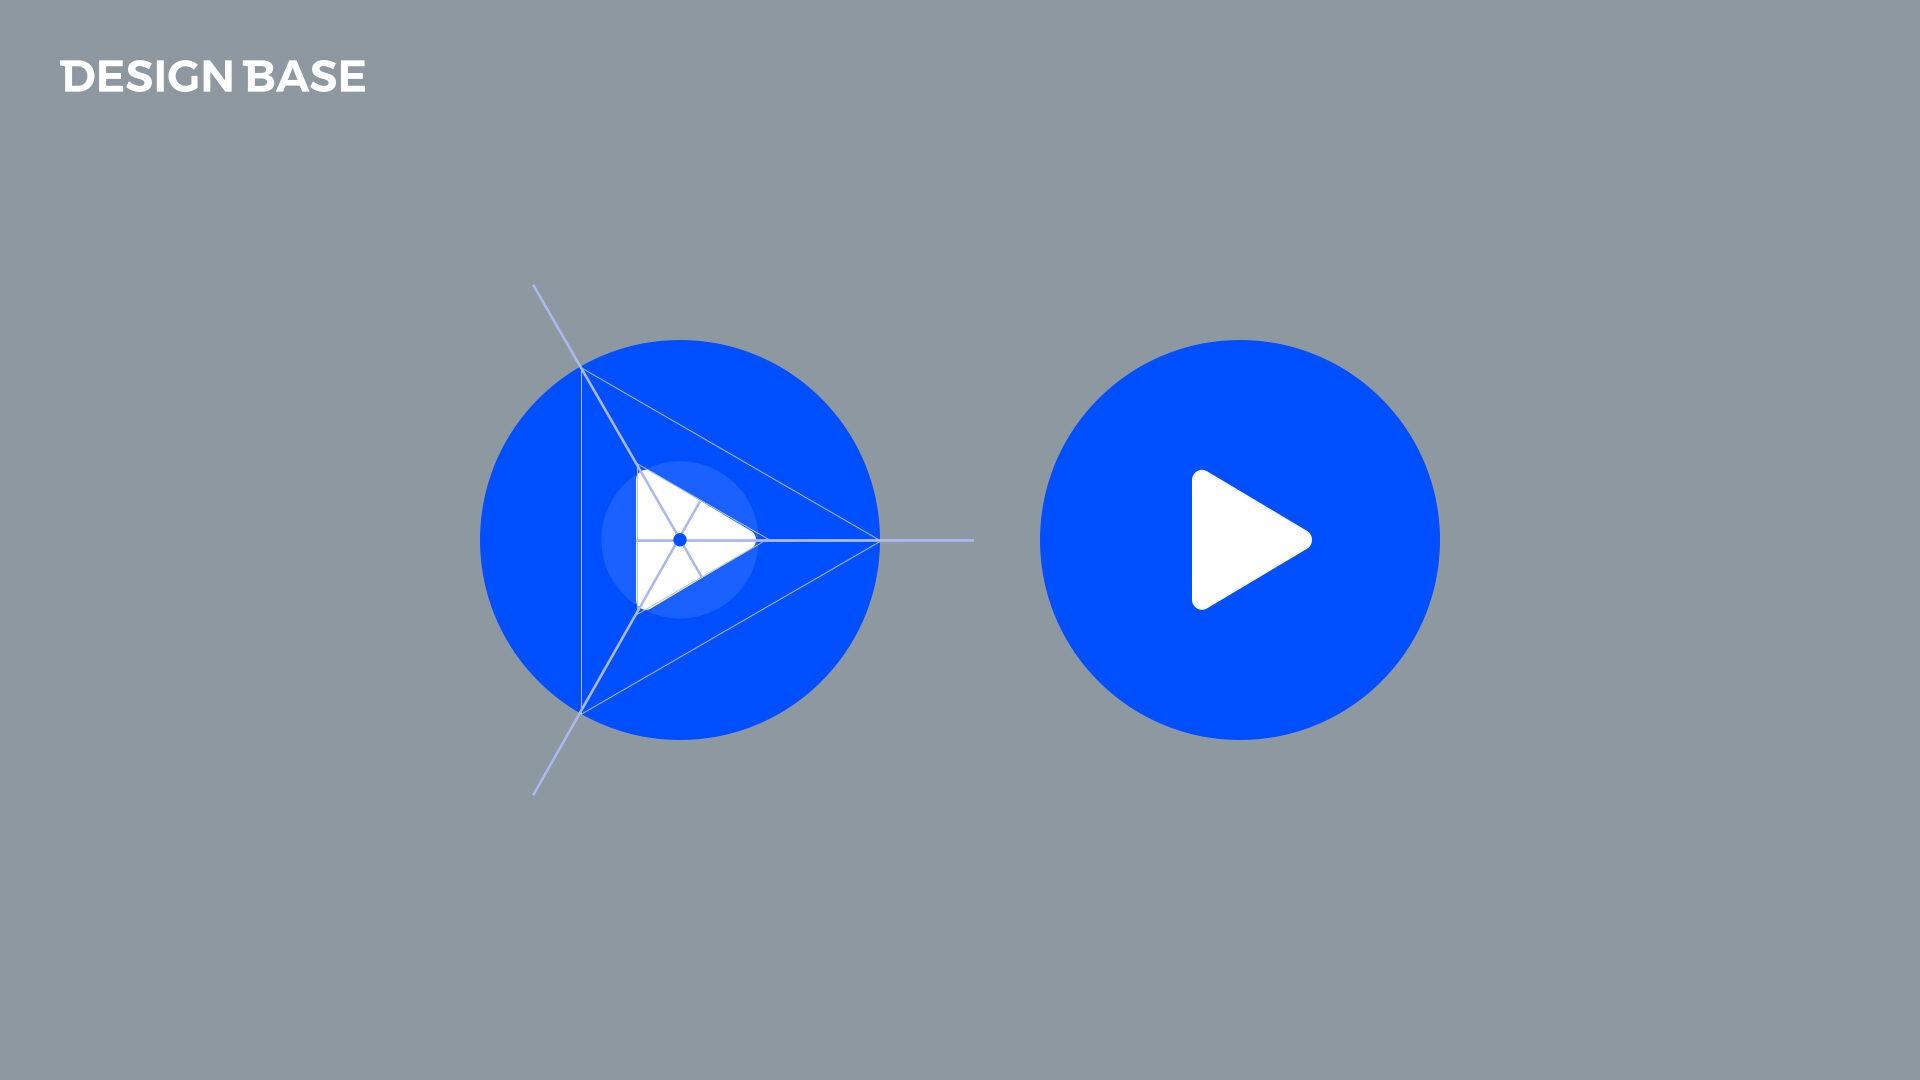 재생버튼 삼각형 중앙 정렬하는 방법